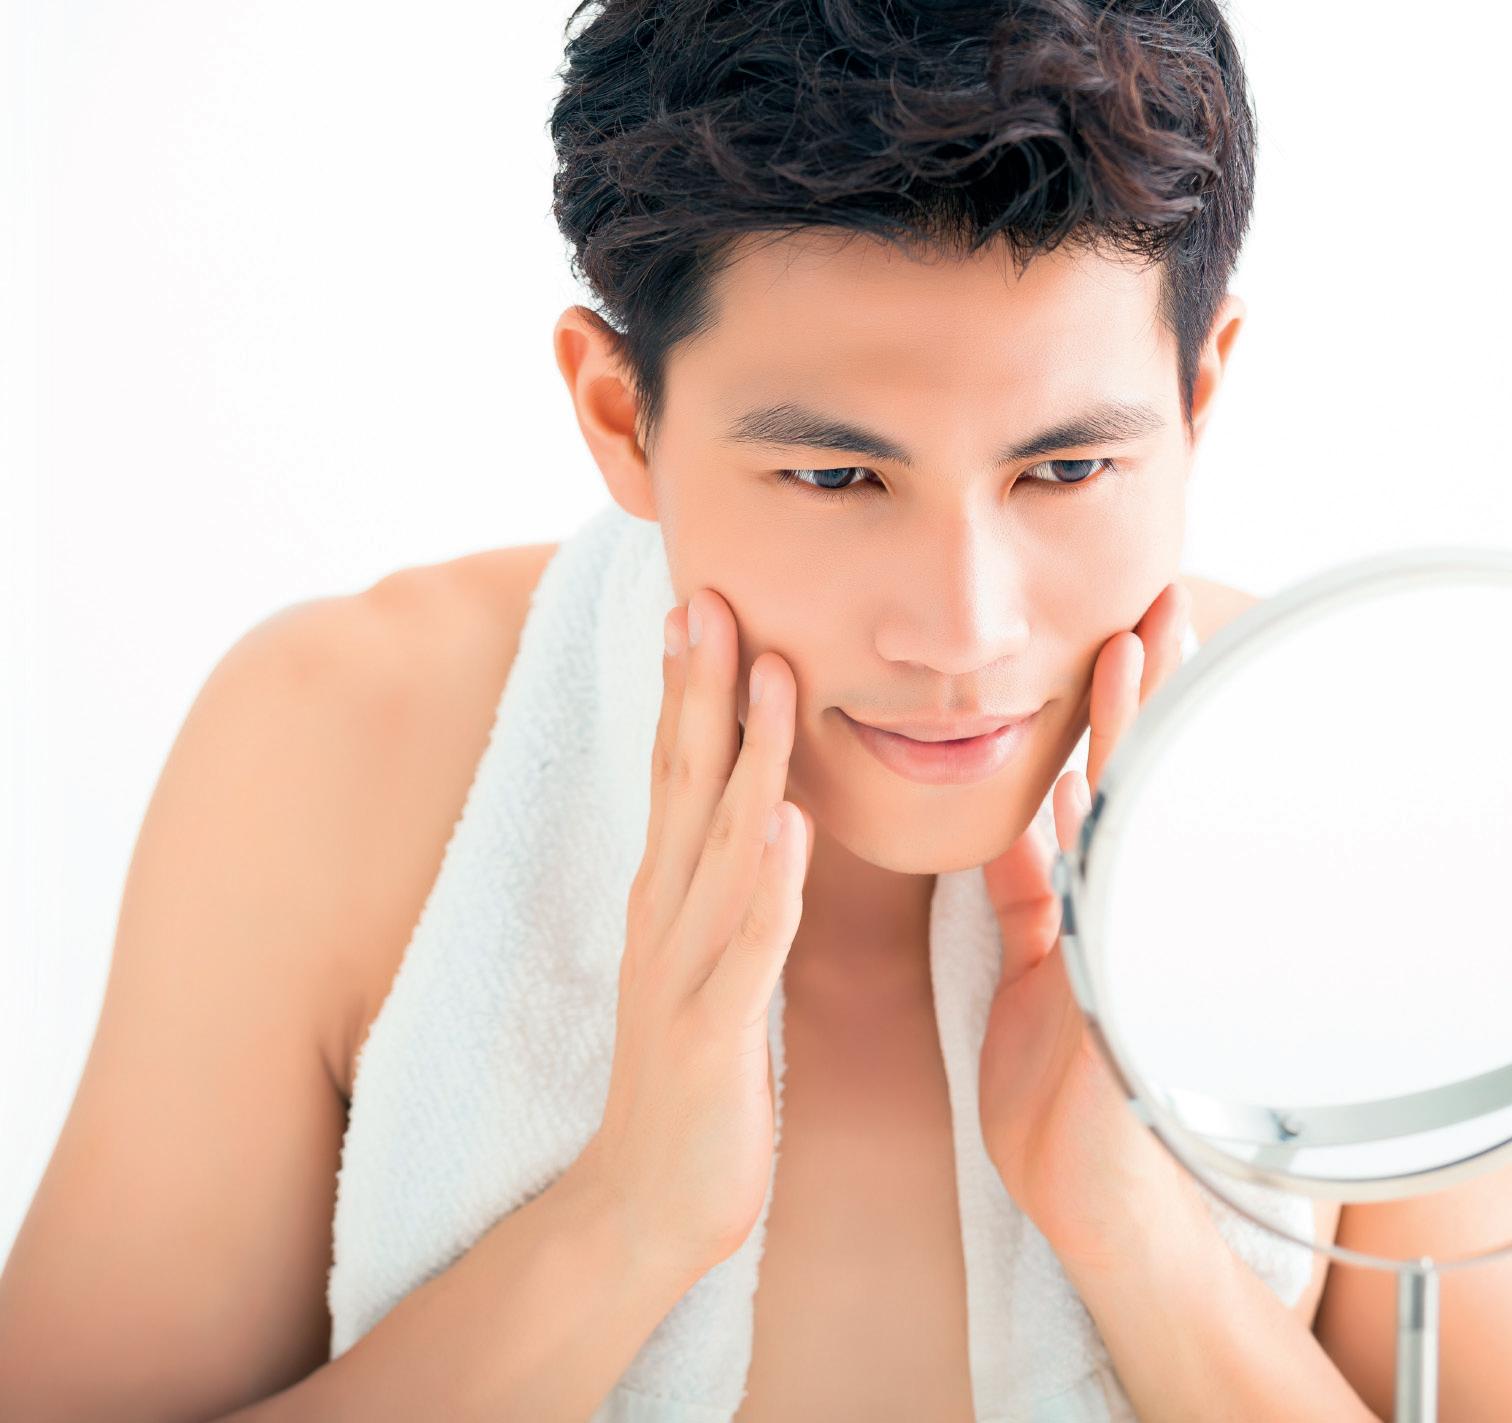 Serum mang trên mình những Vitamin được cô đọng nhằm bổ sung cho làn da những dưỡng chất thiết yếu. Photo: ELLE Man